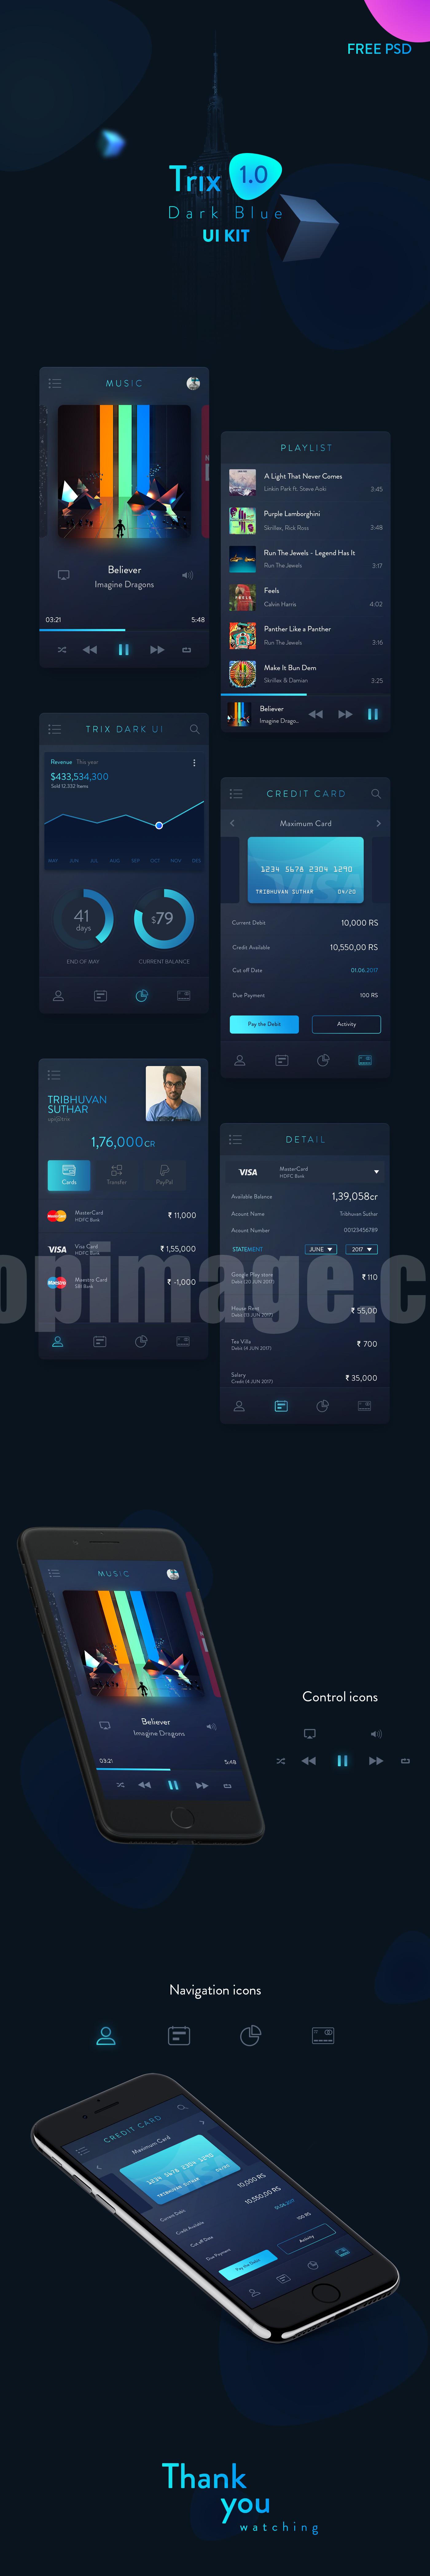 移动app播放器 银行卡 金融 UI kit源文件下载